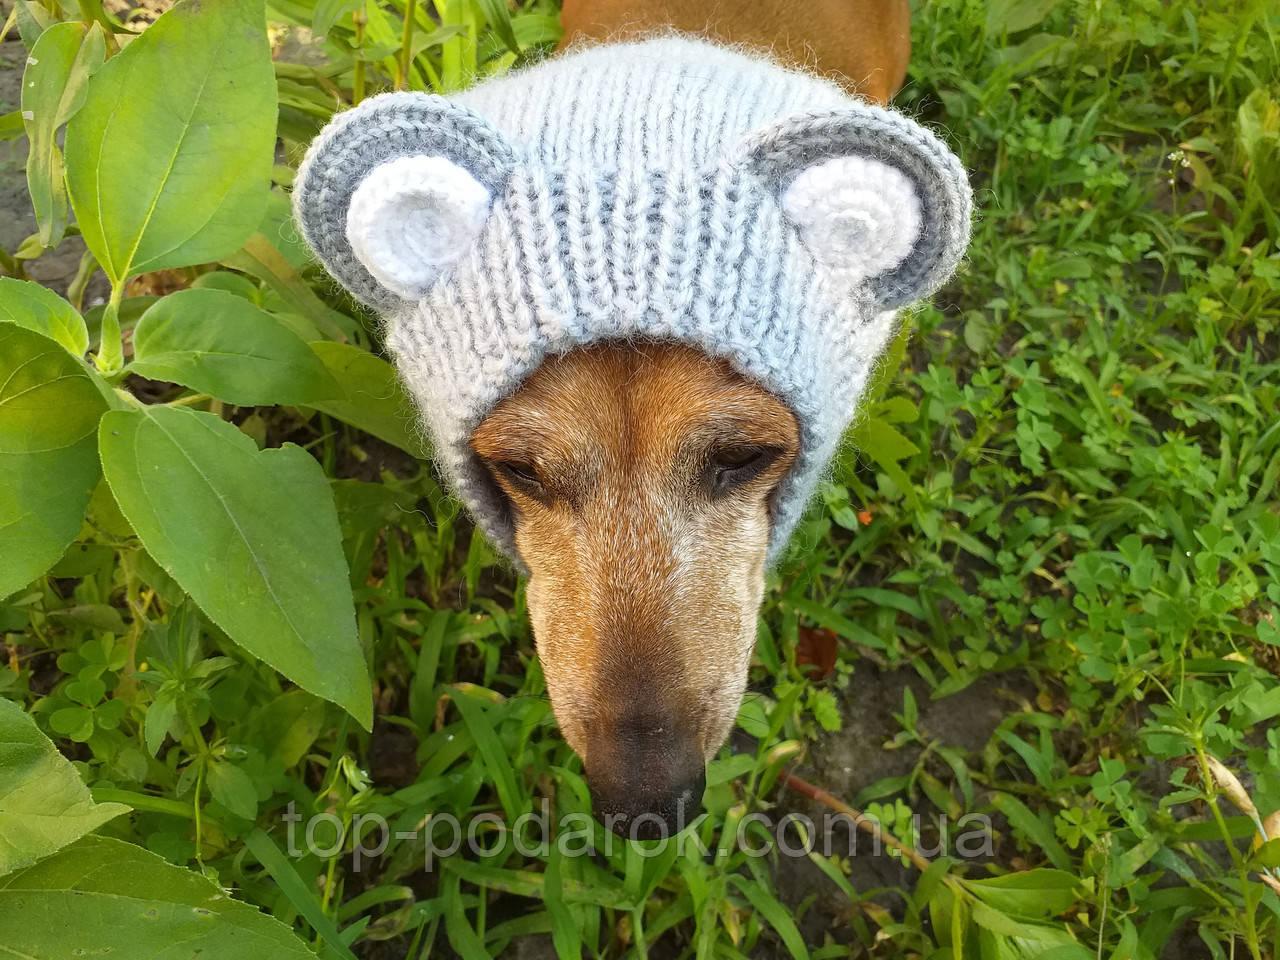 Снуд-шапка для собаки Мишка ручной работы,одежда для собаки ручной работы